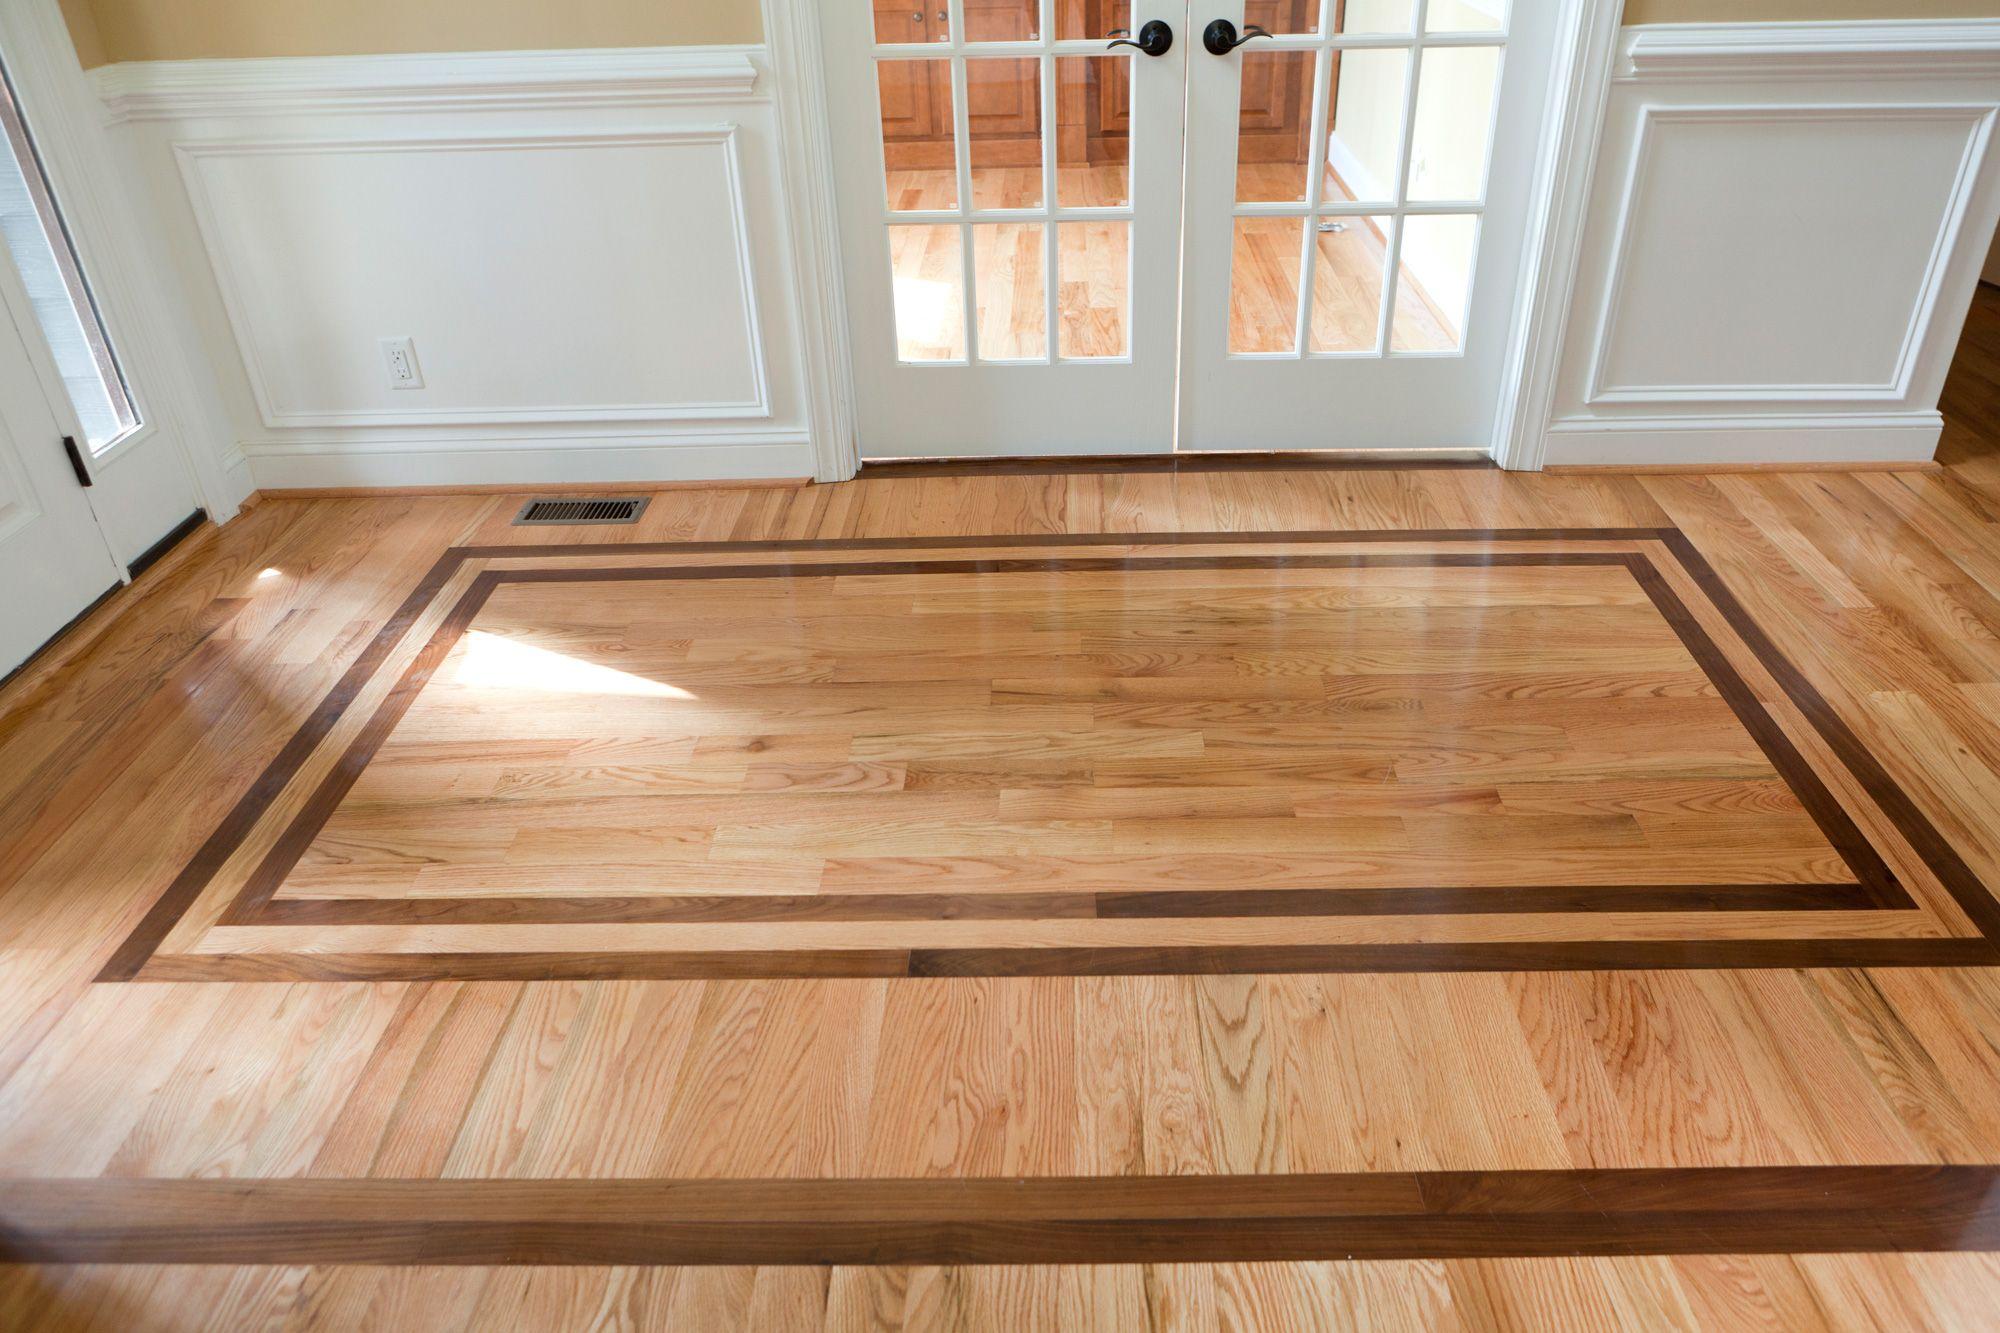 wood flooring ideas Wood Floor Ideas for the House